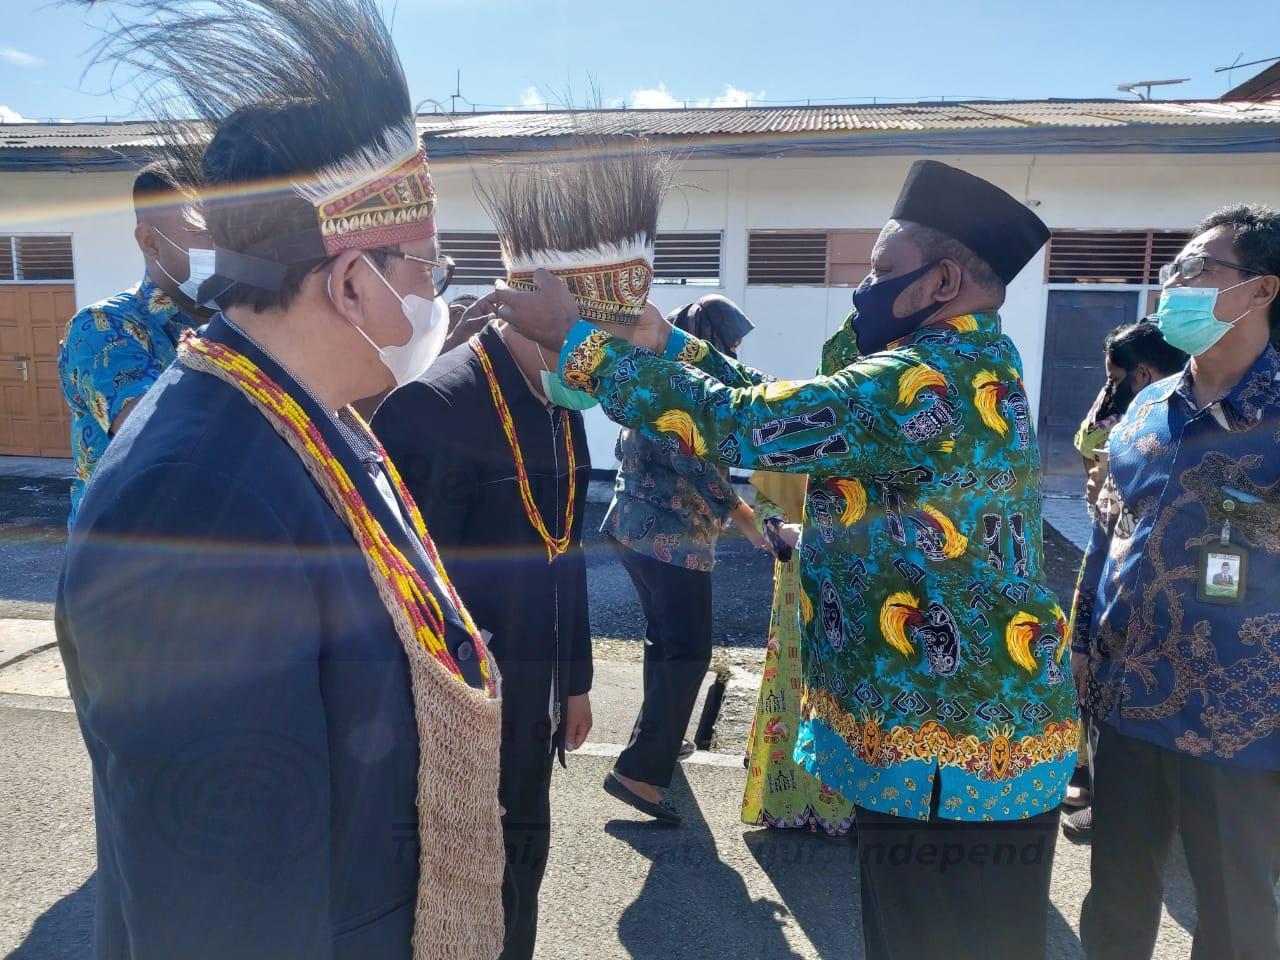 Tiba di Manokwari, Wakil Menteri Agama Disambut Prosesi Adat Injak Piring 1 IMG 20200821 WA0006